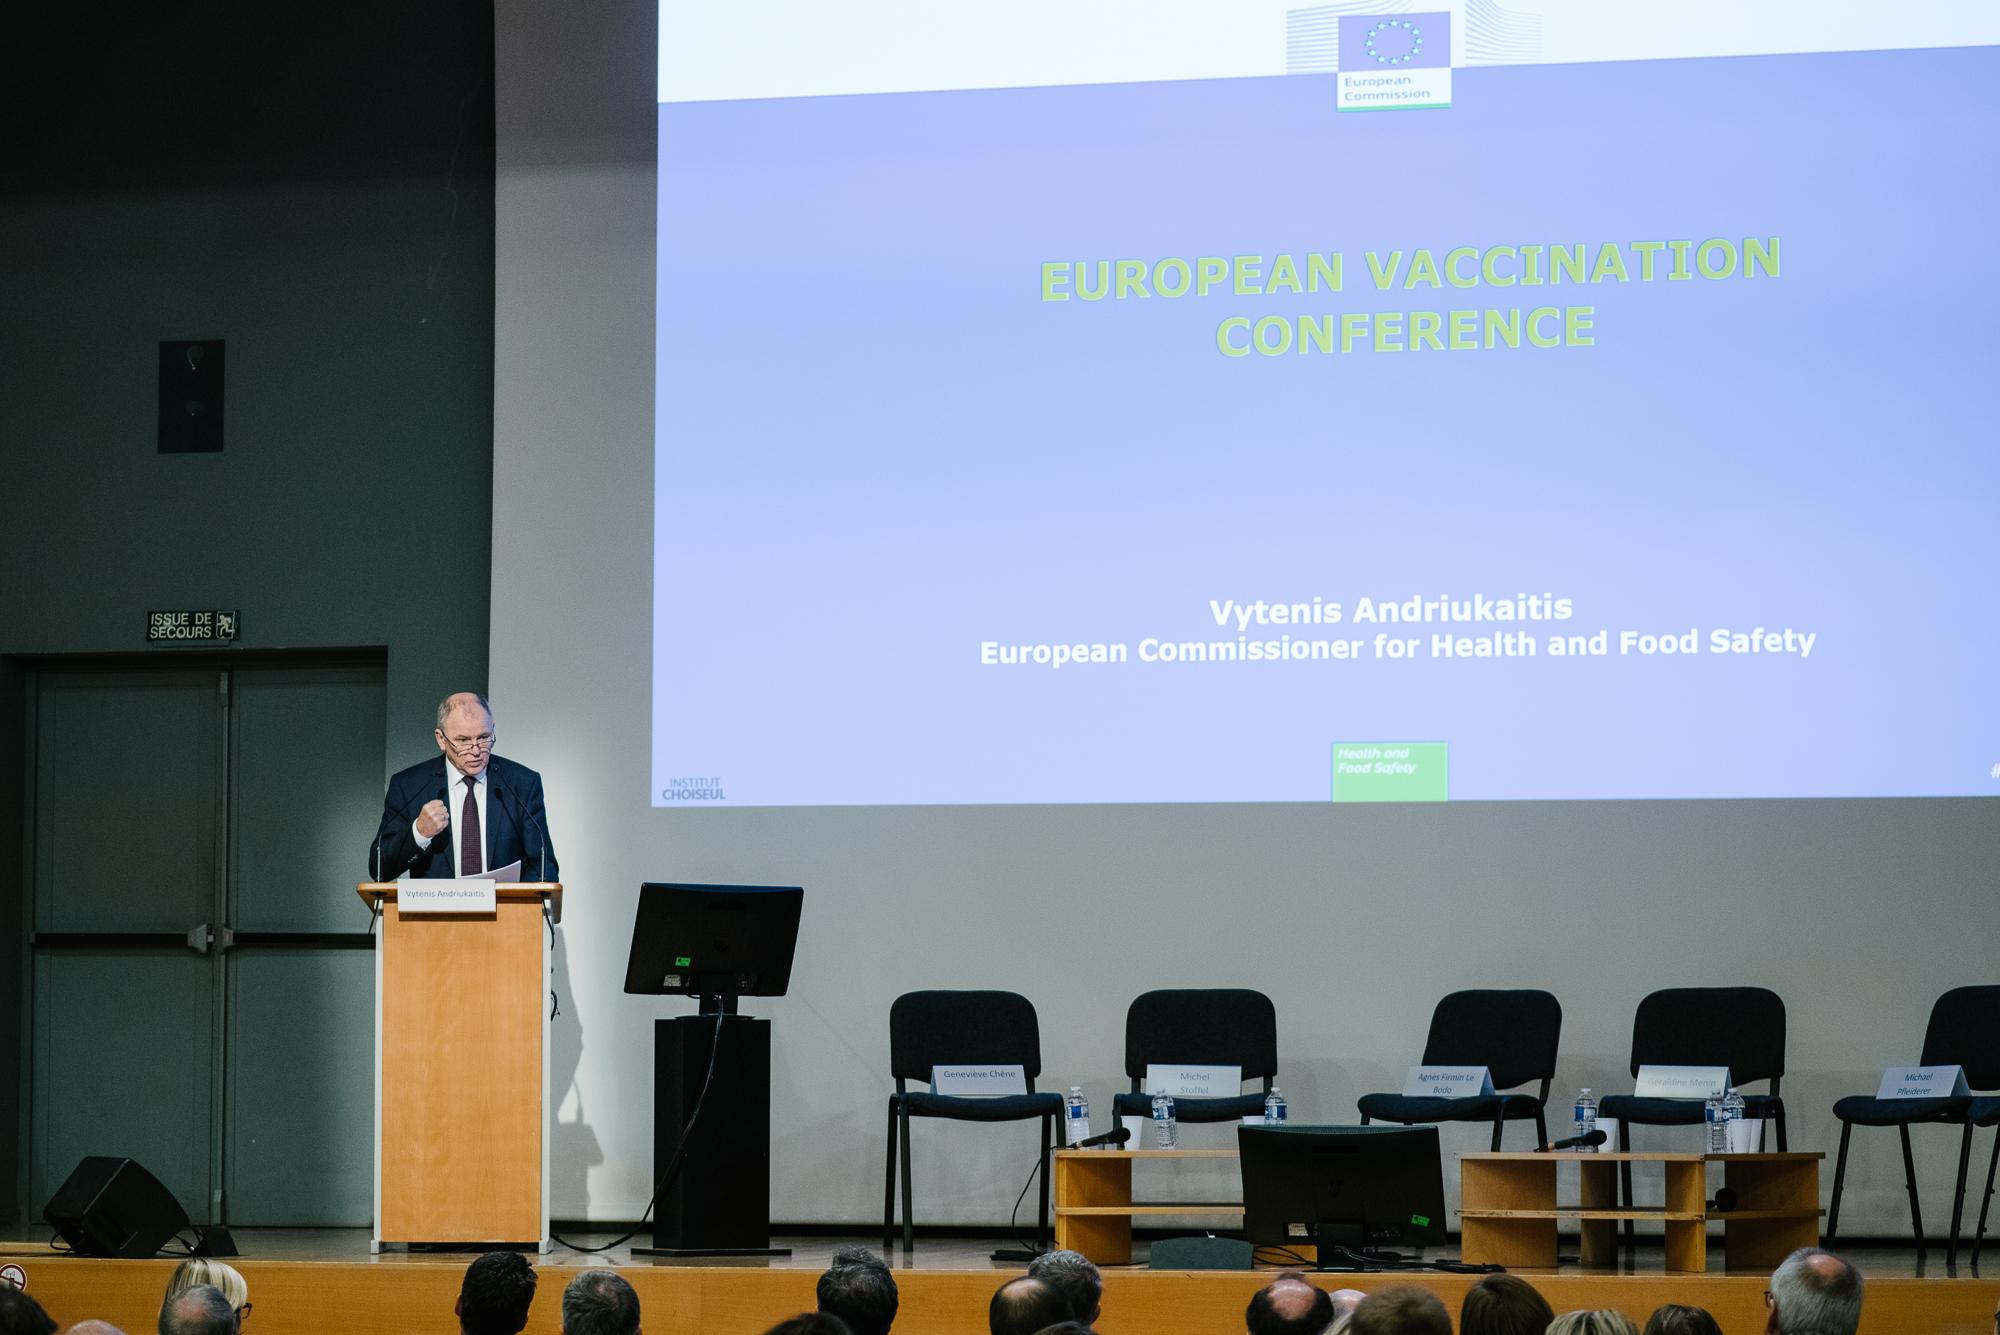 Assises européennes du Vaccin en vidéo – Discours d'ouverture de Vytenis Andriukaitis, Commissaire européen à la Santé